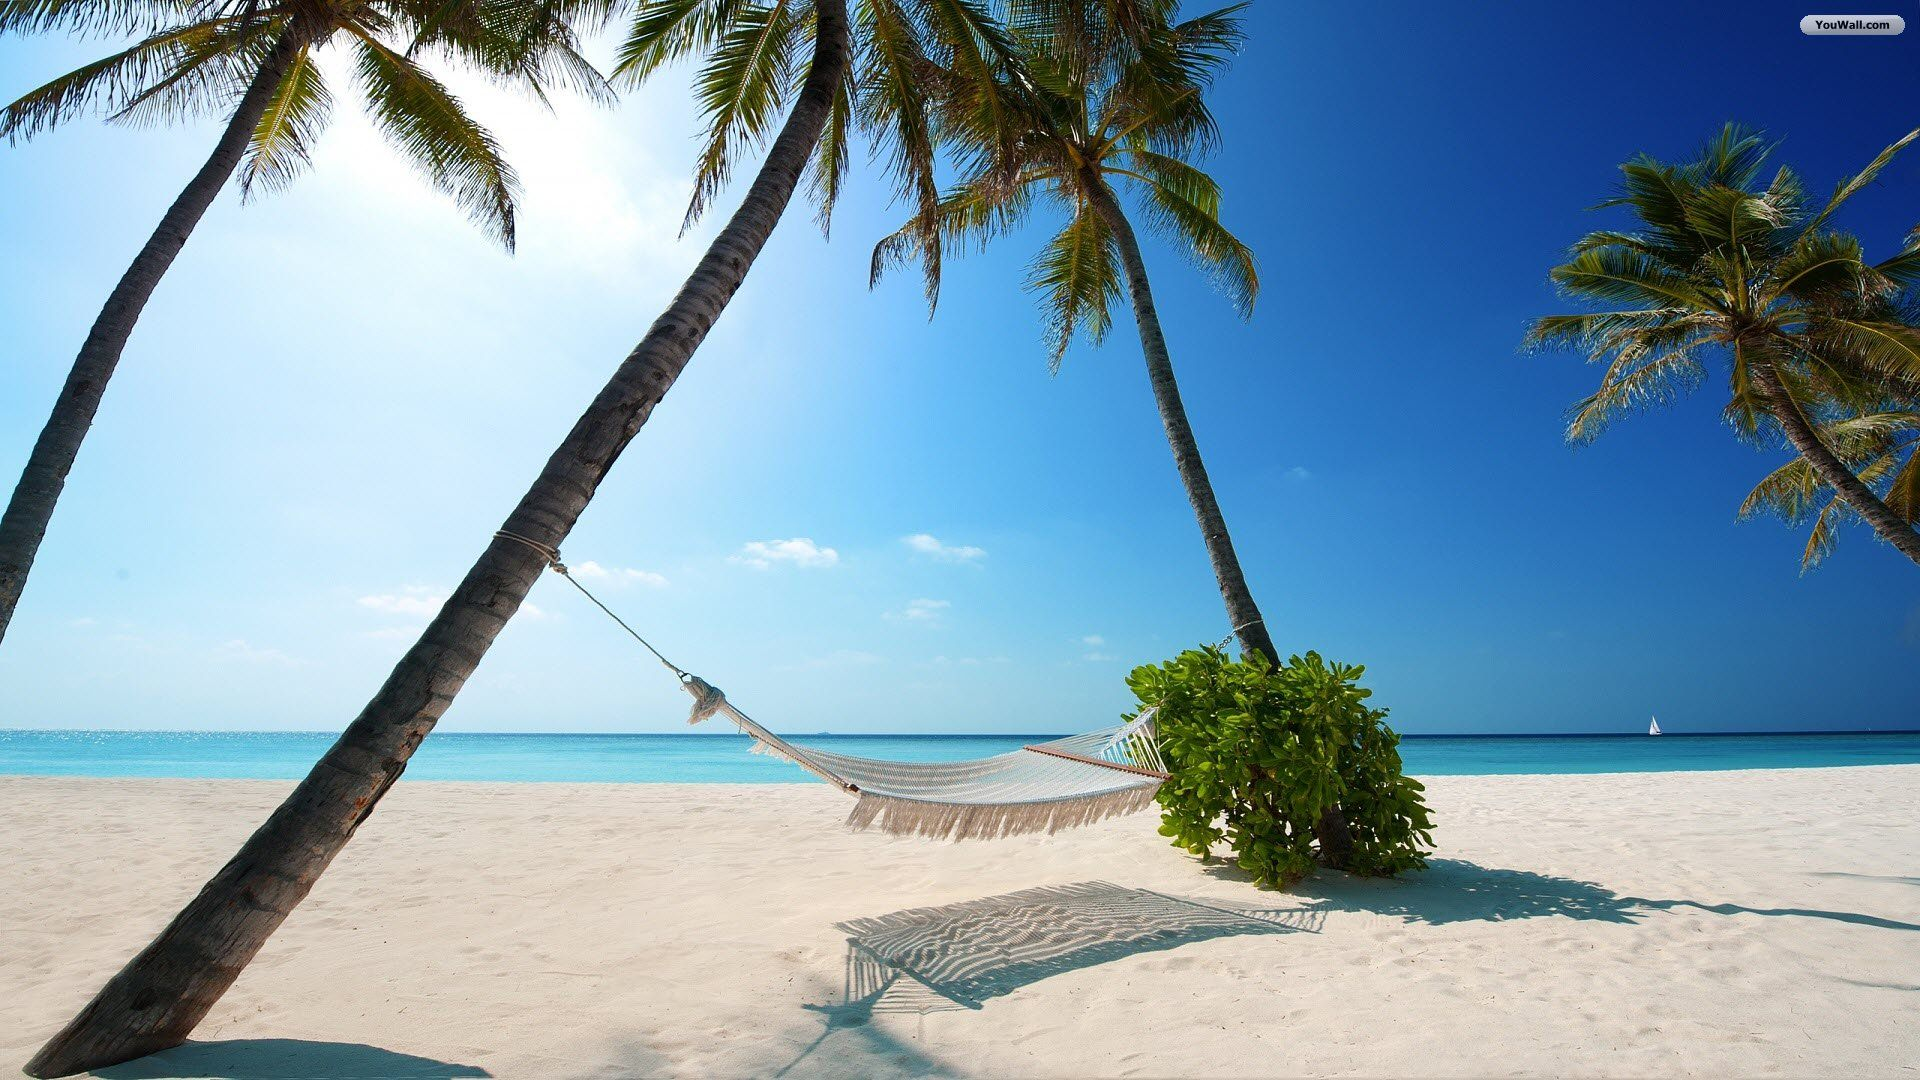 Alquiler de yates en la Islas Bahamas.Barcos de alquiler en bahamas